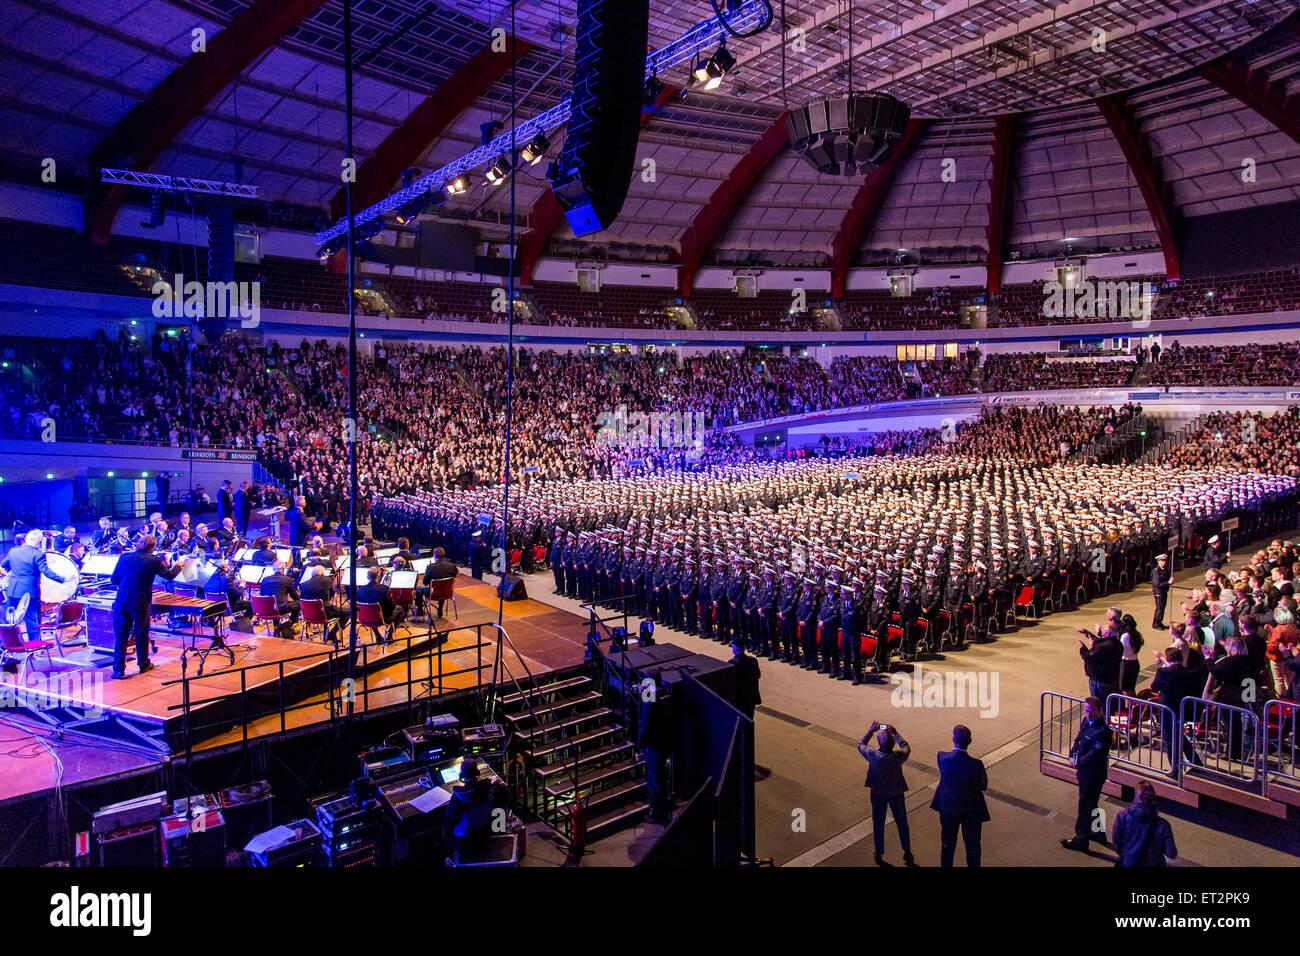 Juramento de 1500 nuevos policías en el Dortmund, más de 6000 miembros de la familia y los amigos estaban Imagen De Stock